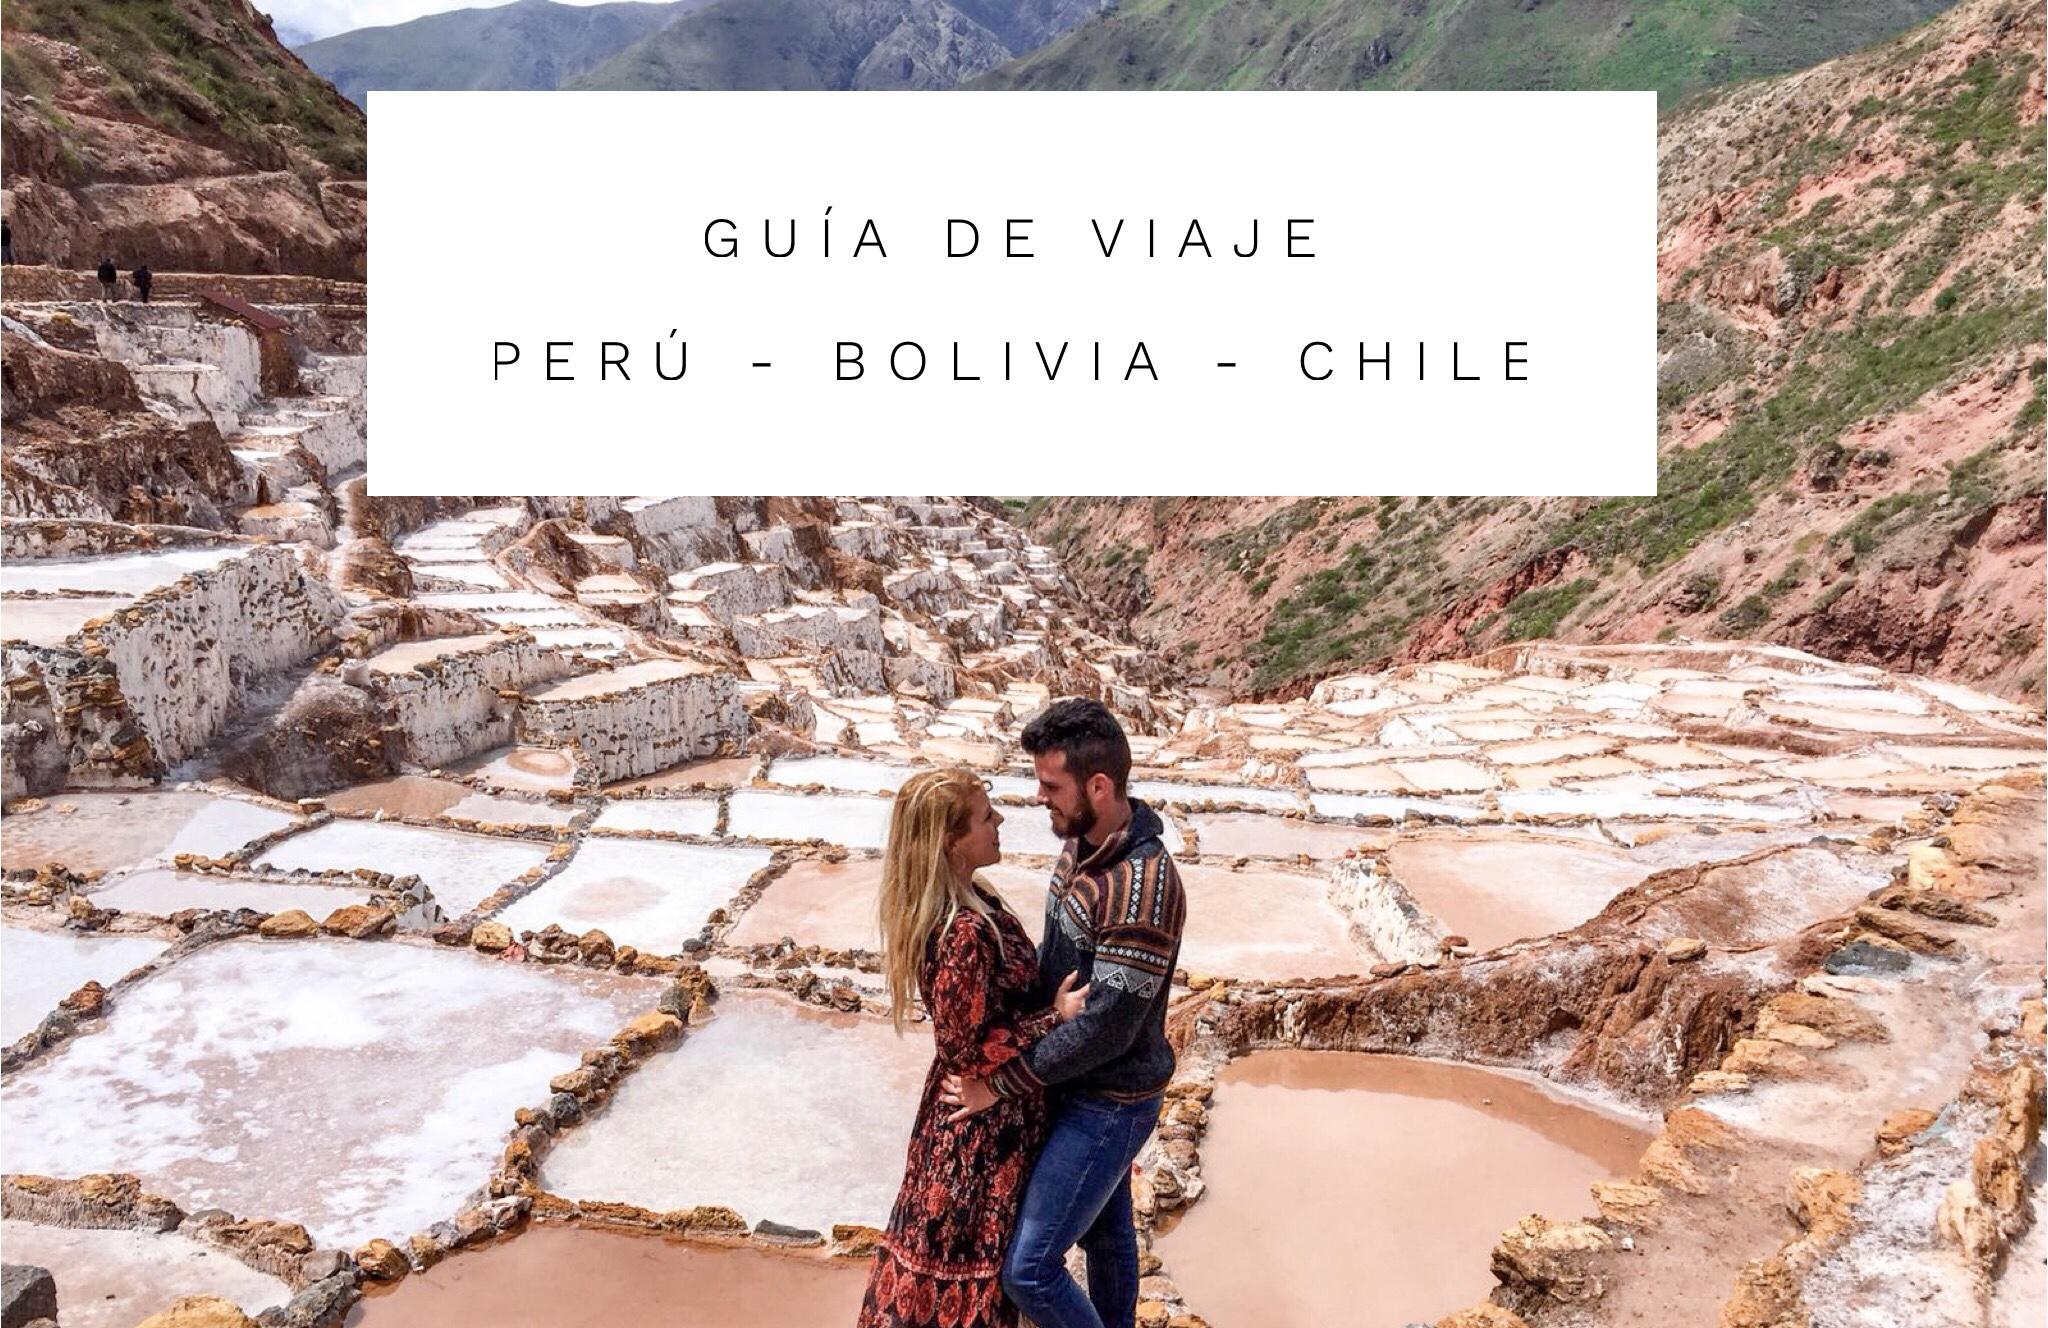 GUÍA DE VIAJE: Perú - Bolivia - Chile